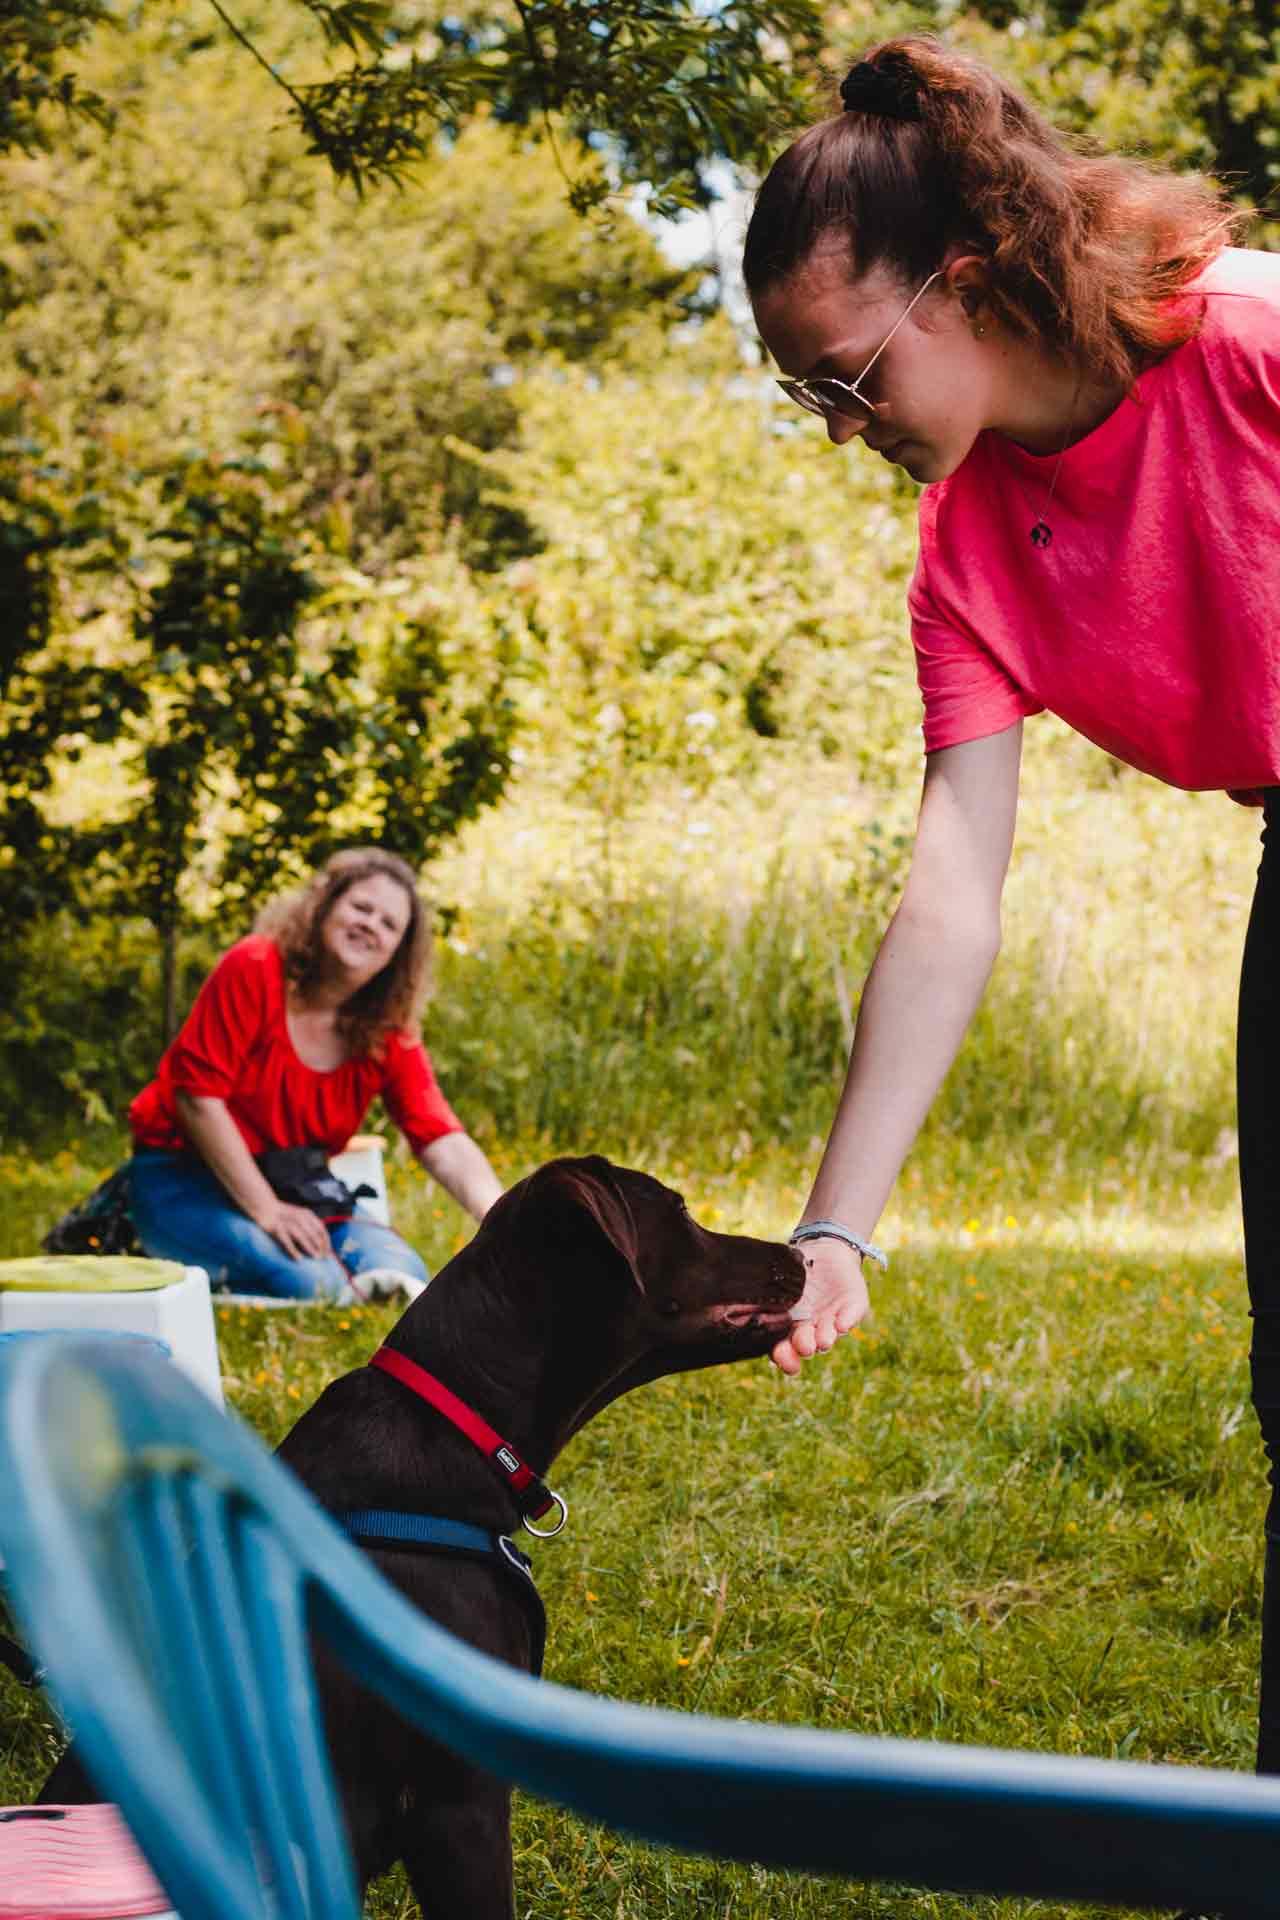 hundpunkt_hundeschule_muenster-ibbenbueren-mensch-hund-team-sonne